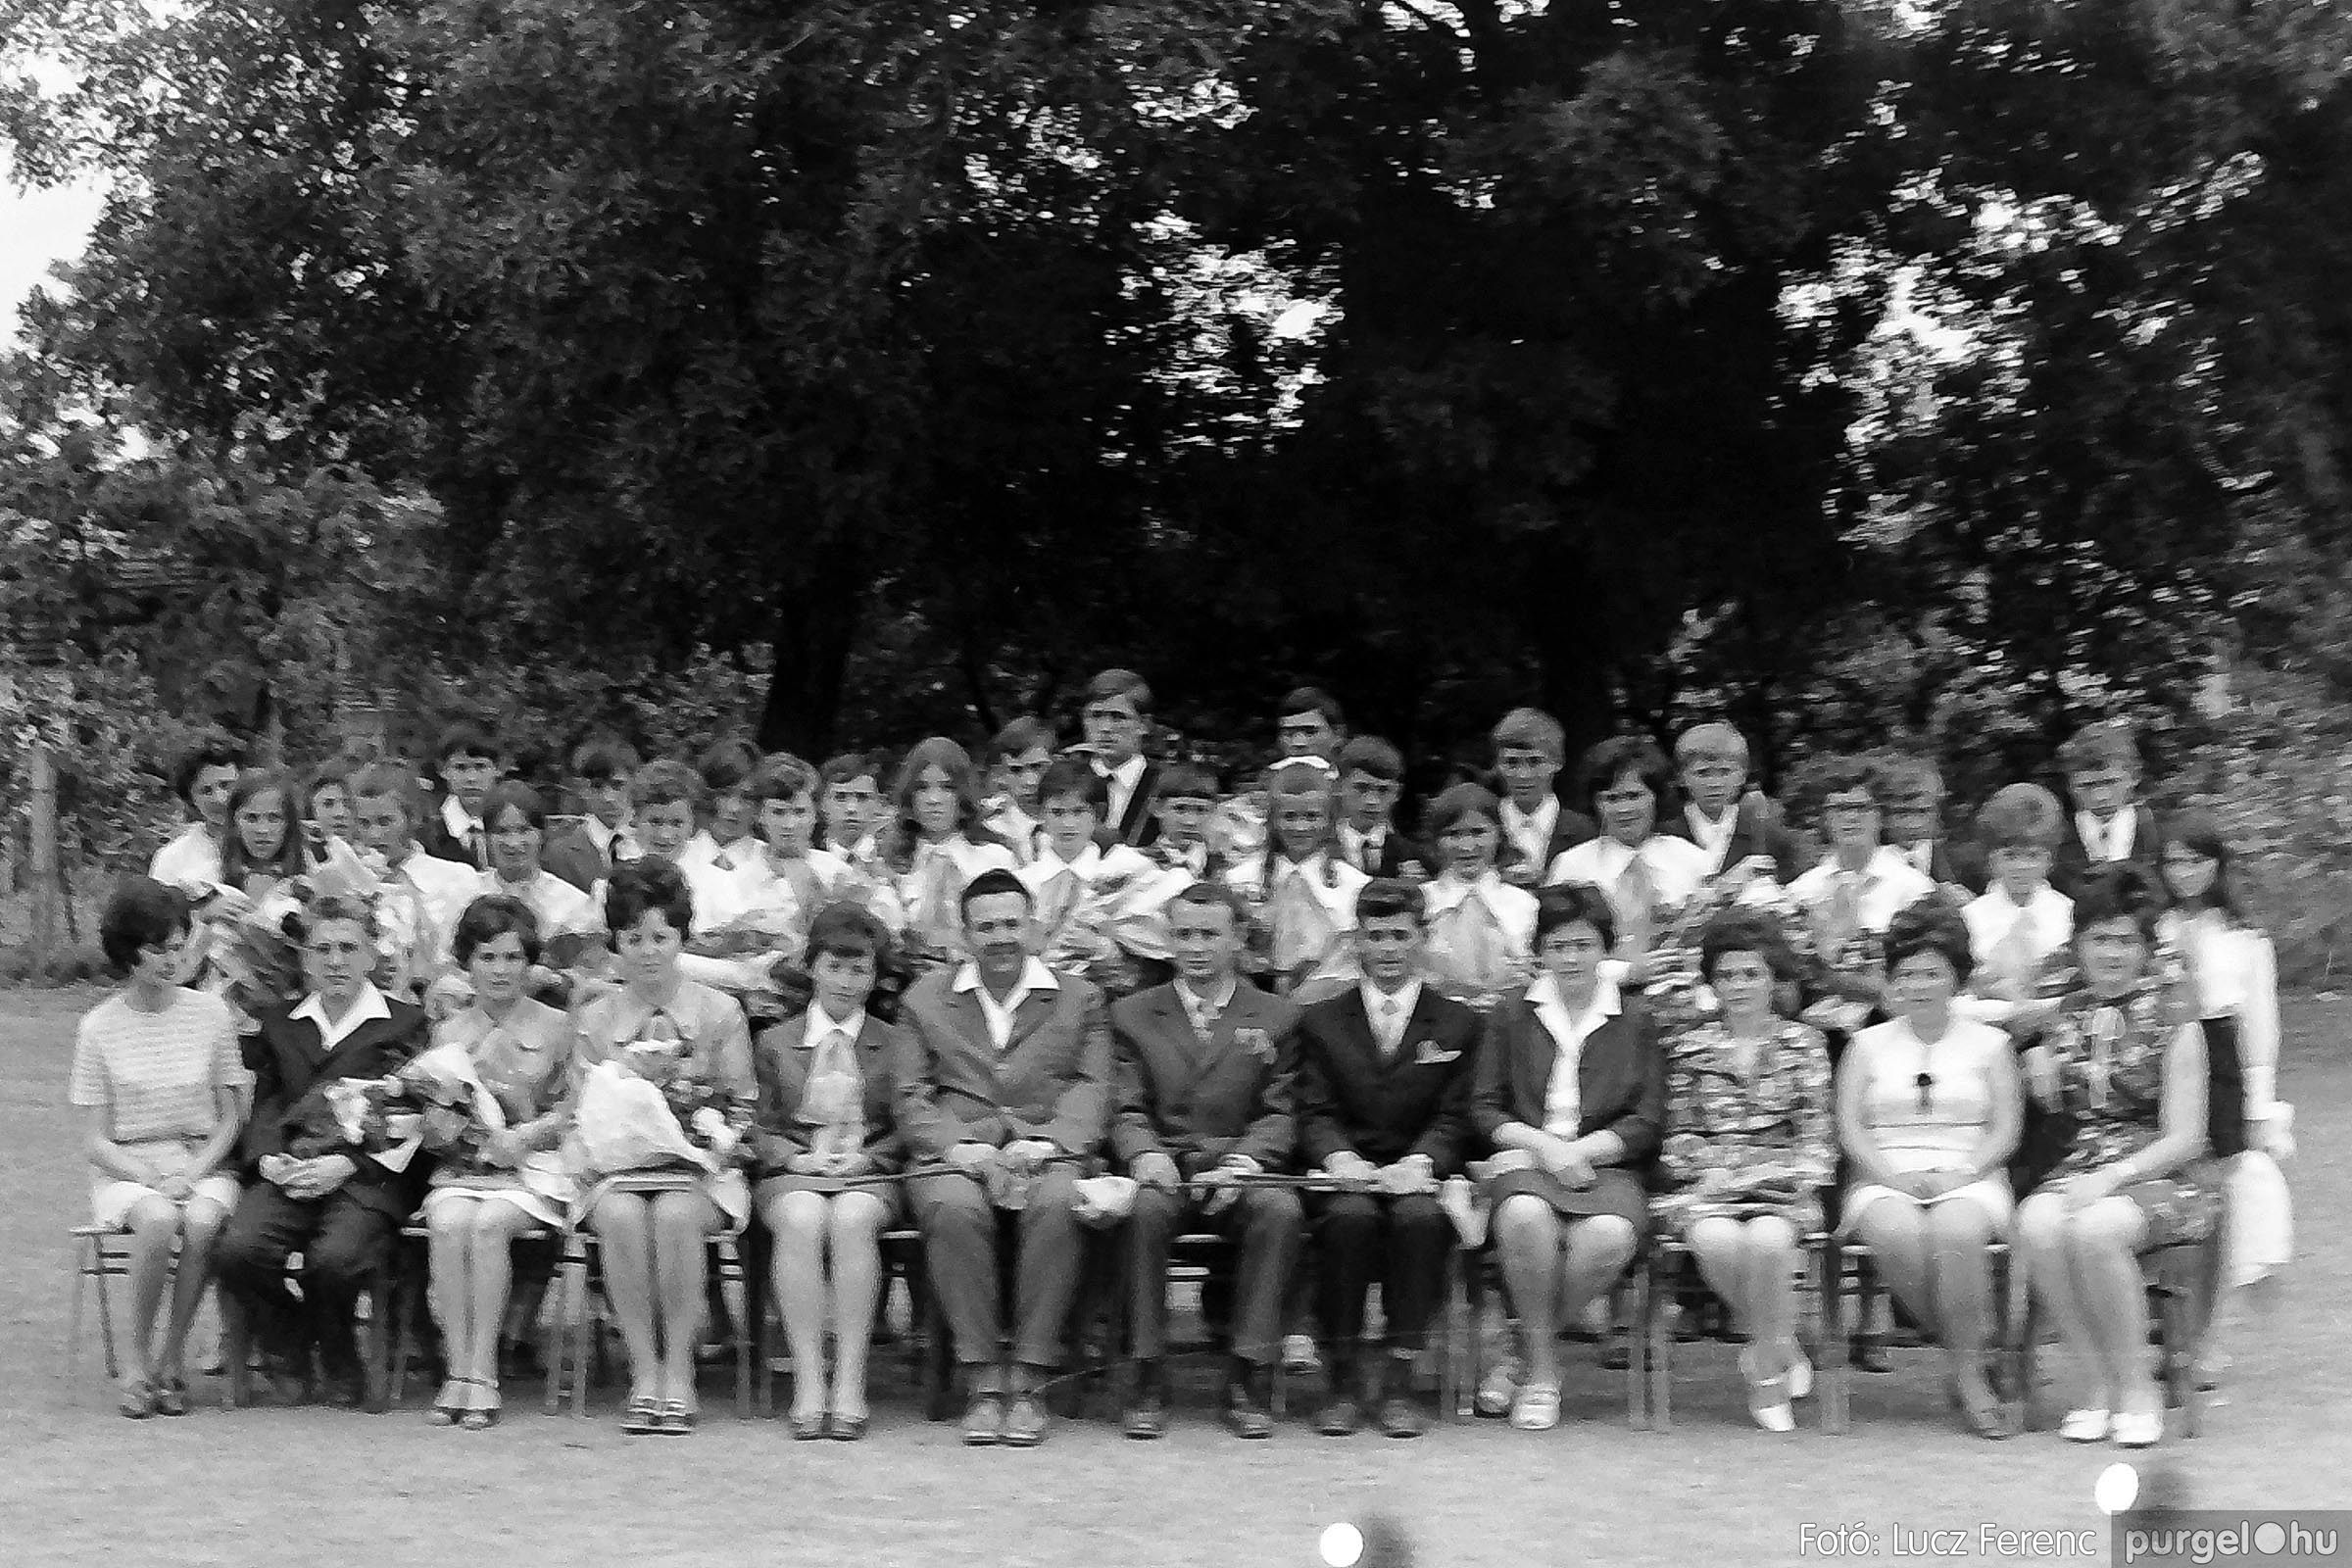 001 1972.05.27. Ballagás a szegvári iskolában 030 - Fotó: Lucz Ferenc - IMG01051q.jpg